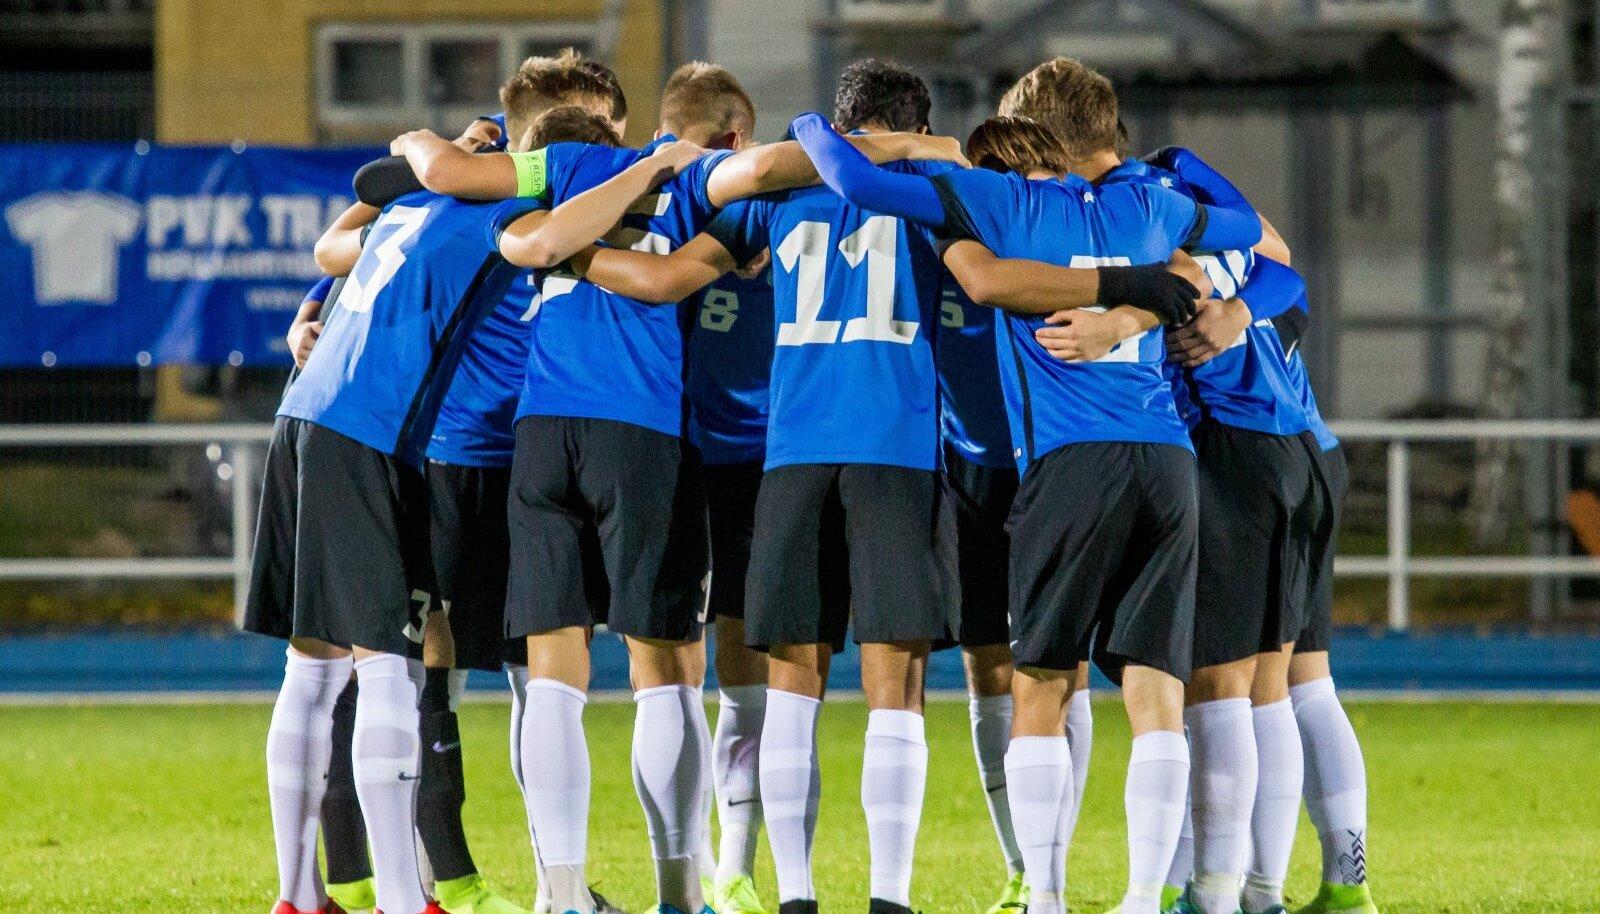 Jalgpalli U21 koondis